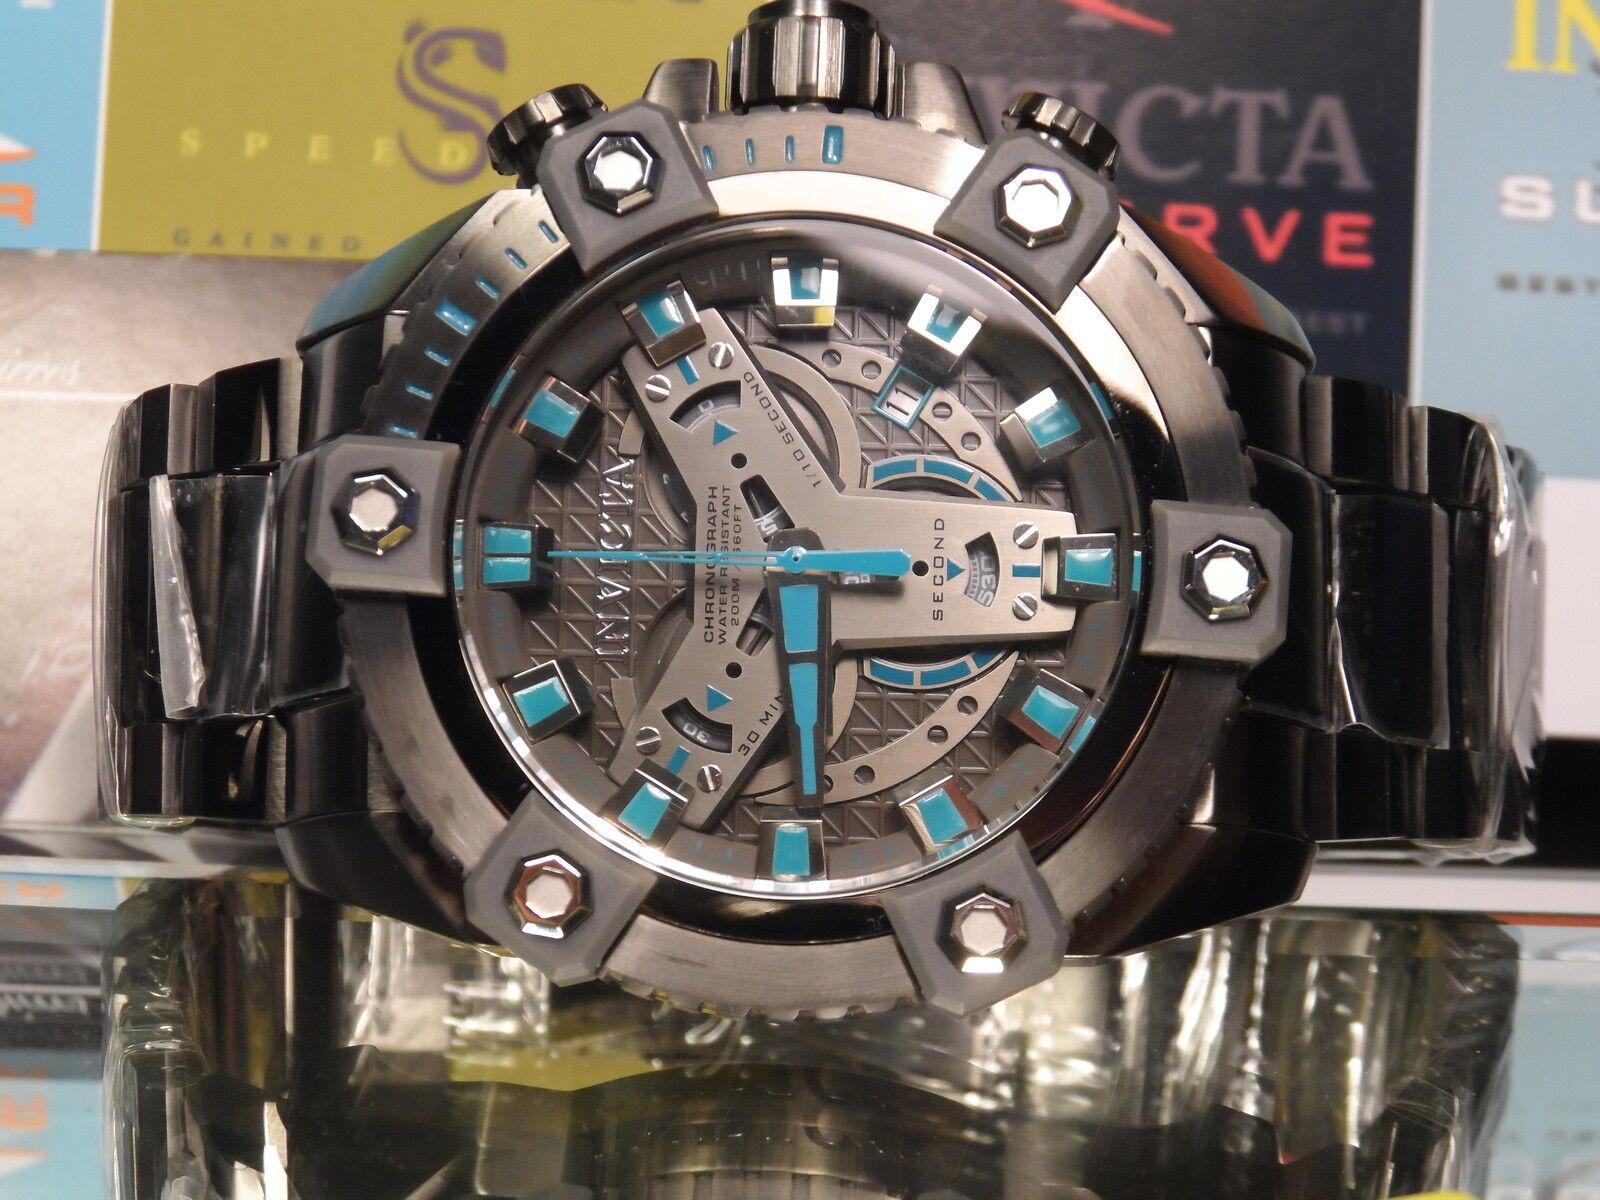 cmd197421/Invicta Watches